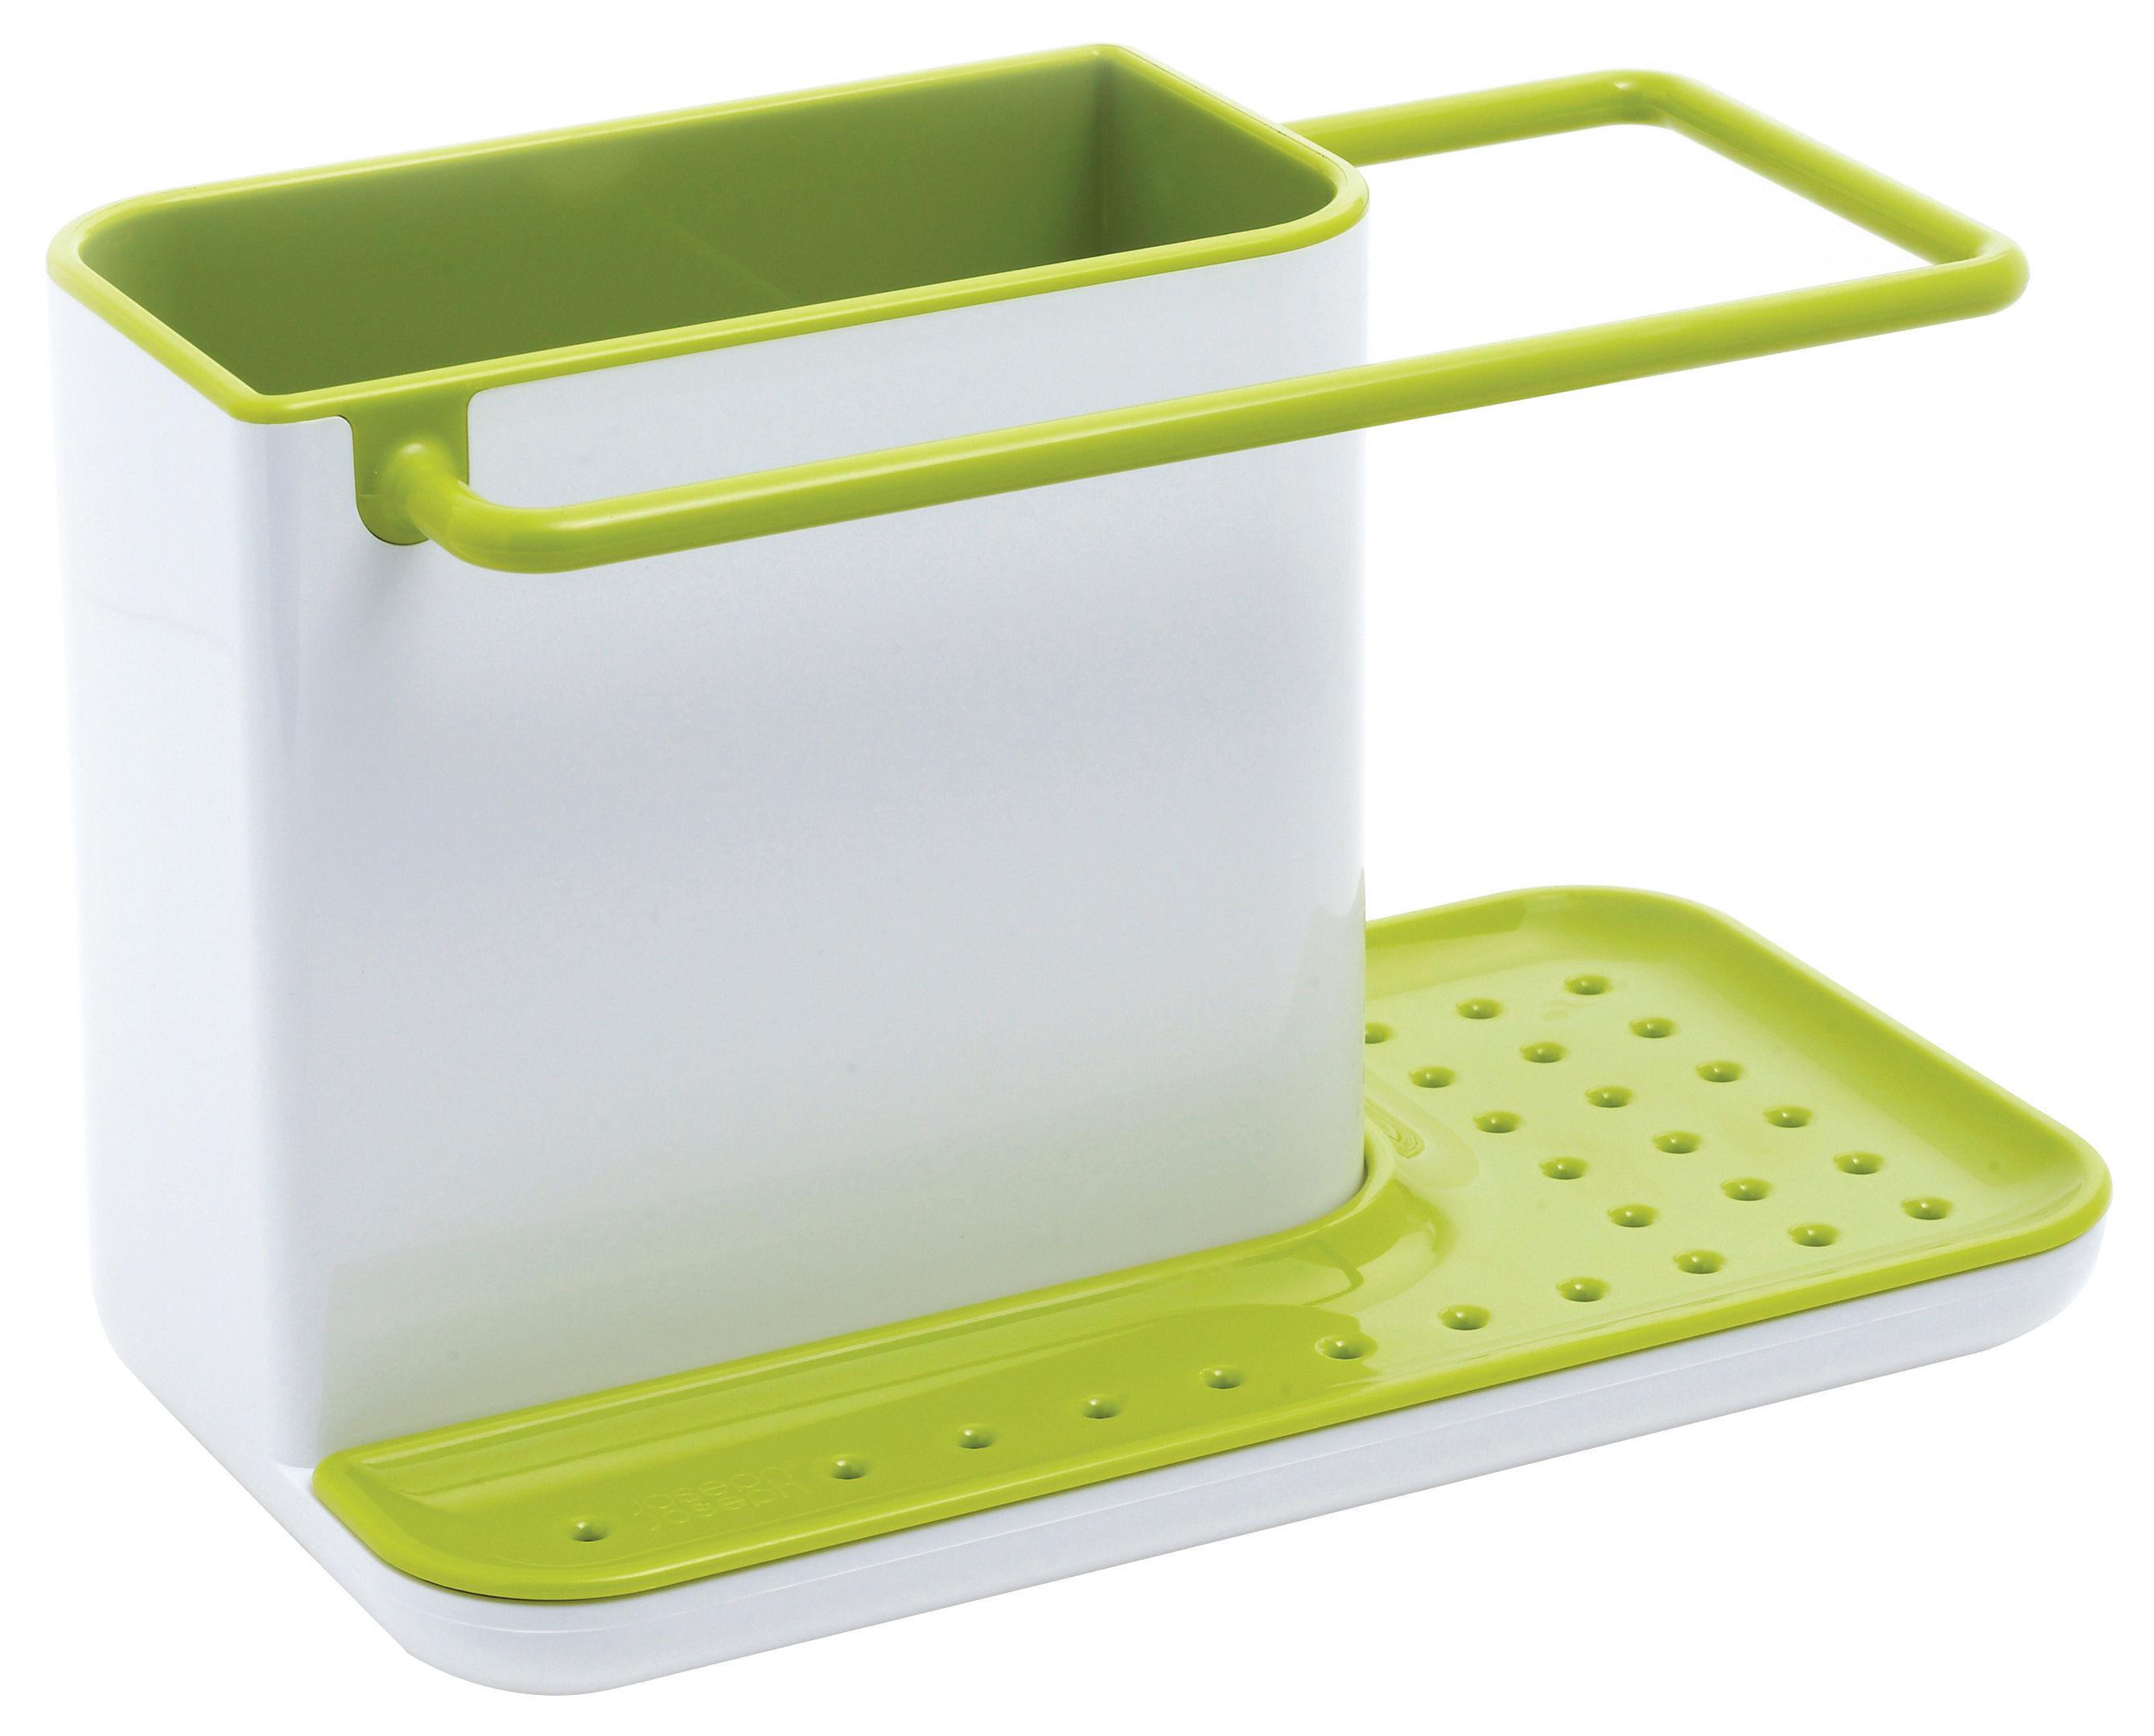 Kitchenware - Kitchen Sink Accessories - Caddy Sink area organiser - Storage set for sink by Joseph Joseph - White & Green - ABS